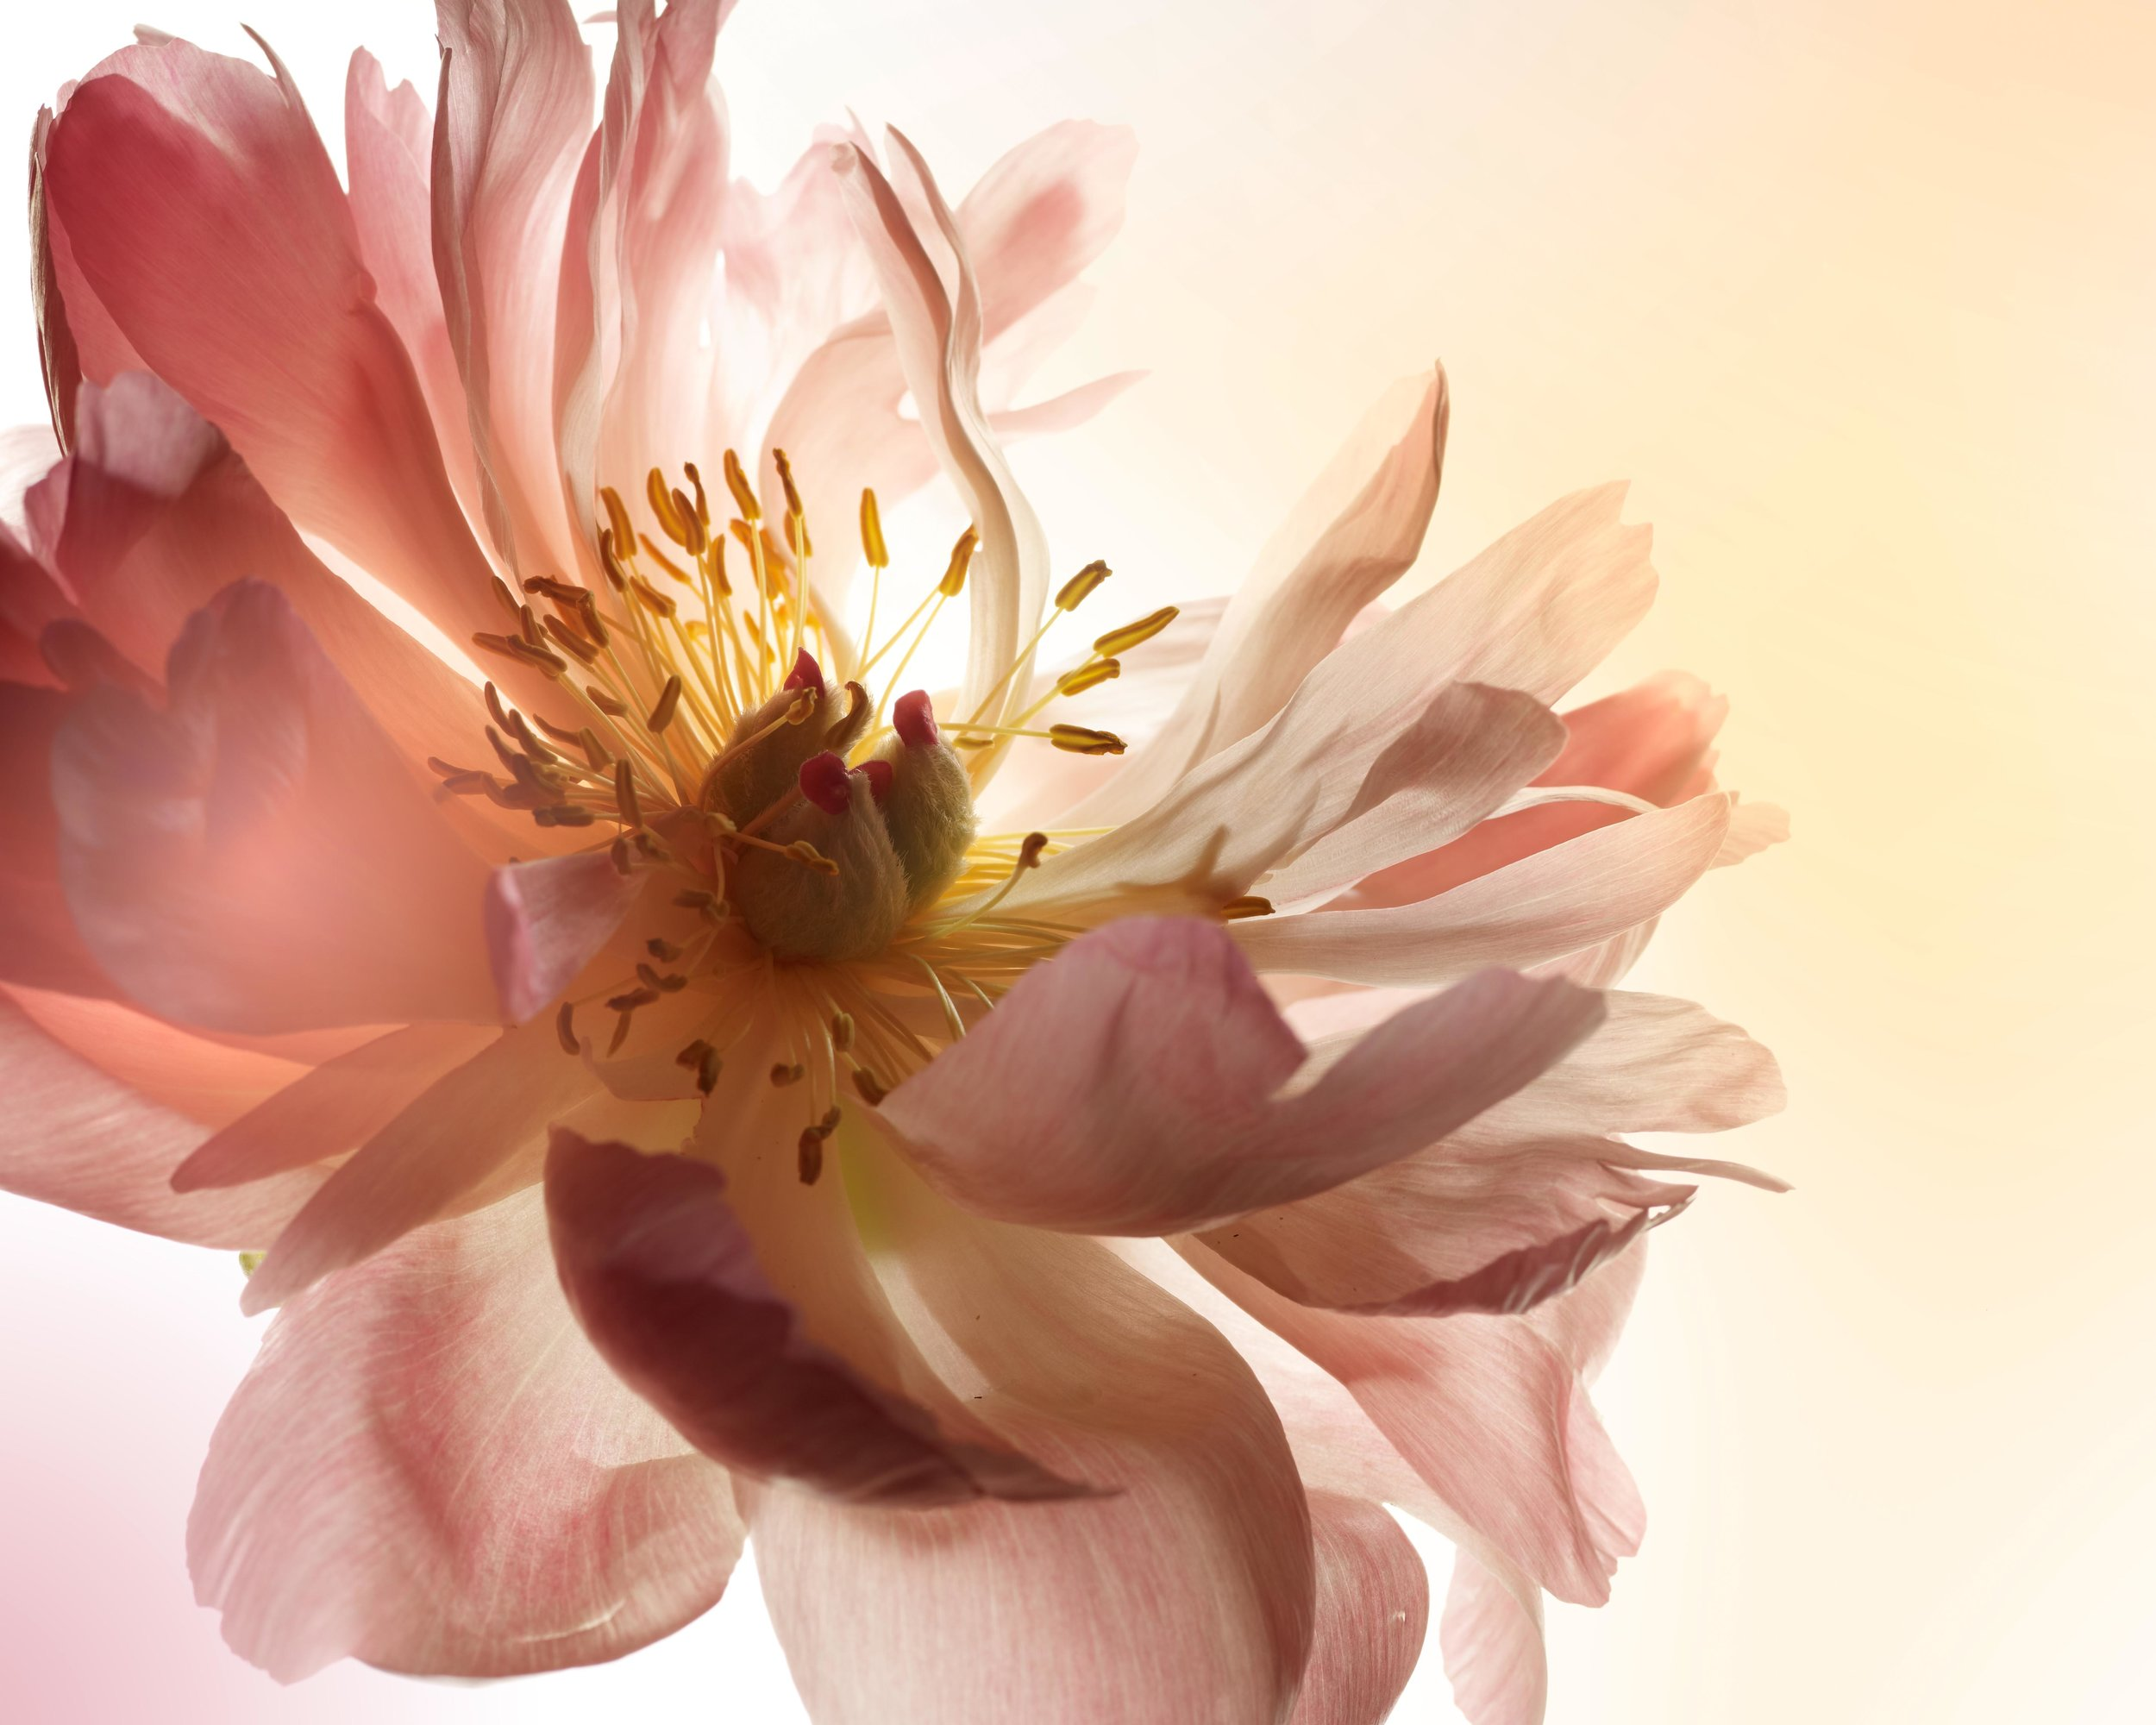 120229_SA_Flowers_01_053_Main_LAB.jpg